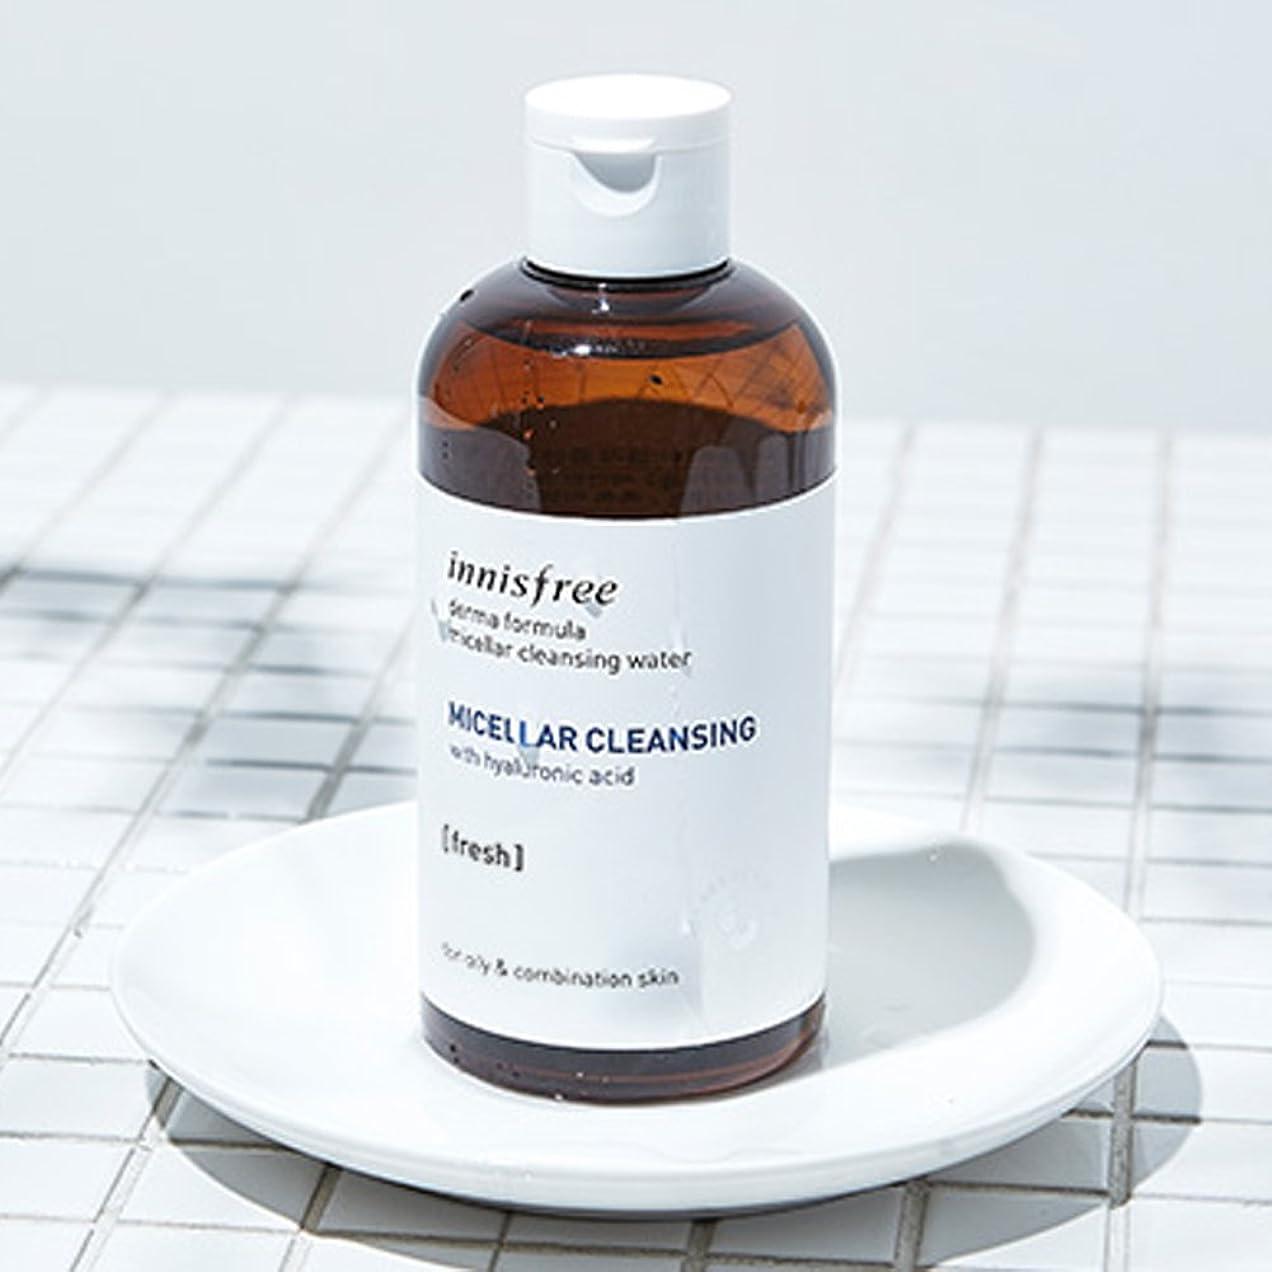 効能面白い北米イニスフリーダーマフォーミュラミセルクレンジングウォーター250ml Innisfree Derma Formula Micellar Cleansing Water 250ml [海外直送品][並行輸入品] (#2. Fresh)